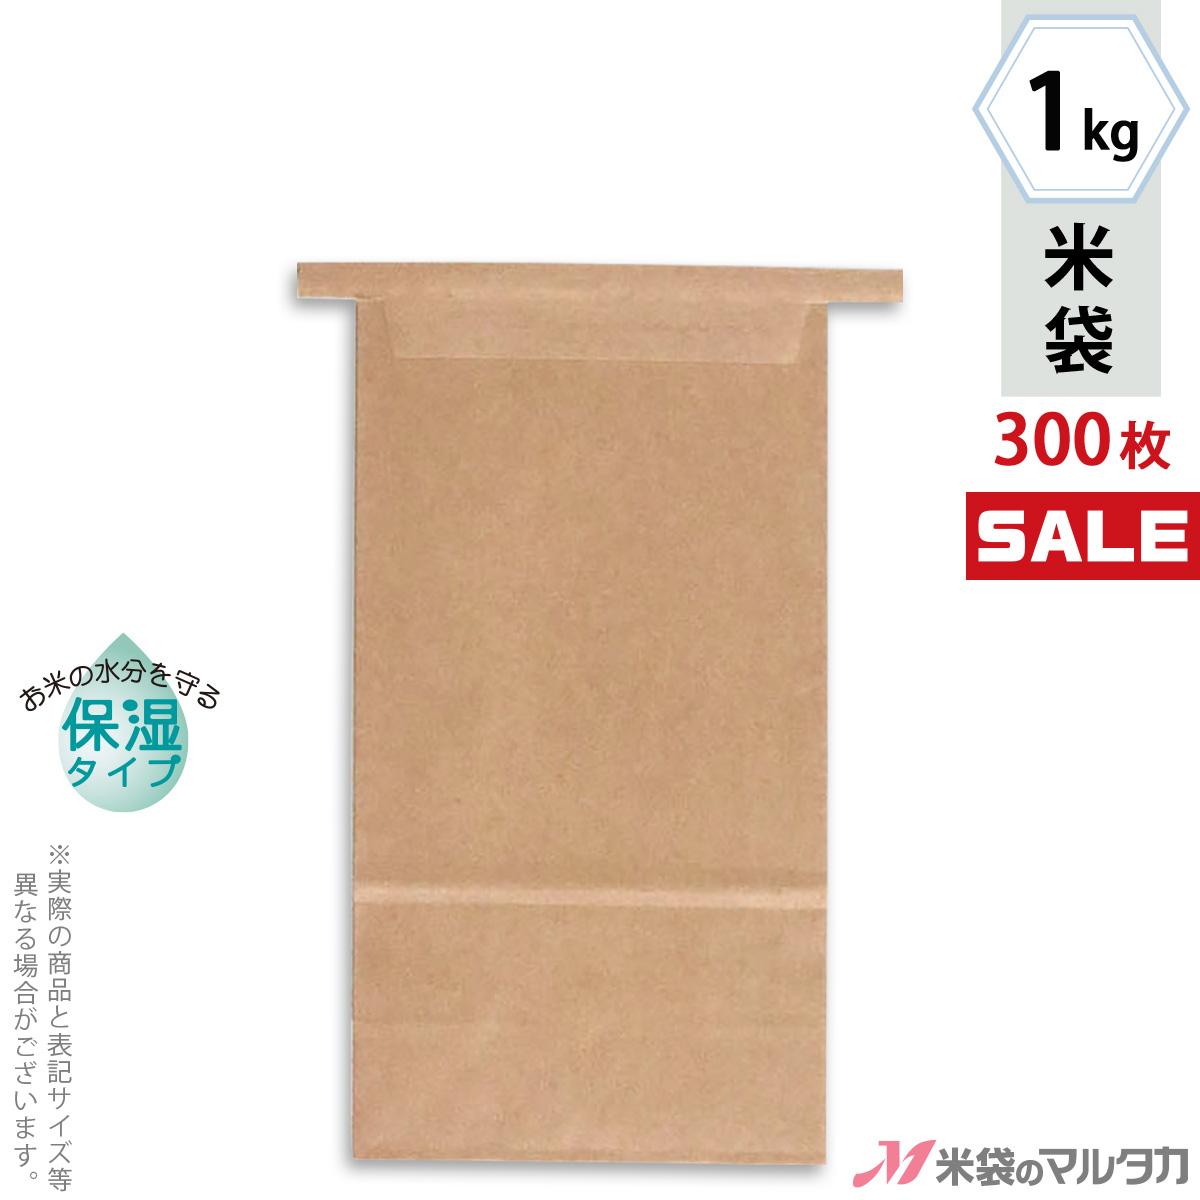 <キャンペーン対応>米袋 KHS-814 マルタカ クラフトSP 留具付米袋 窓なし 保湿タイプ 1kg用留具付 【米袋1kg】【1ケース(300枚入)】